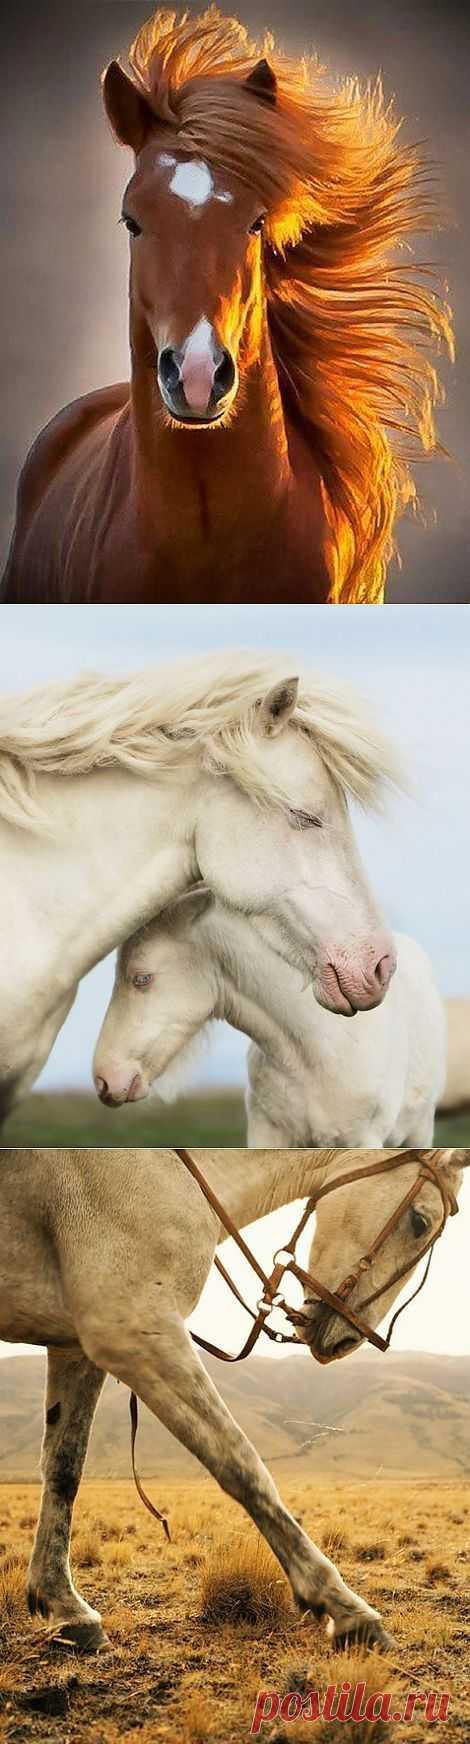 Великолепные, восхитительные, сказочные и благородные лошади